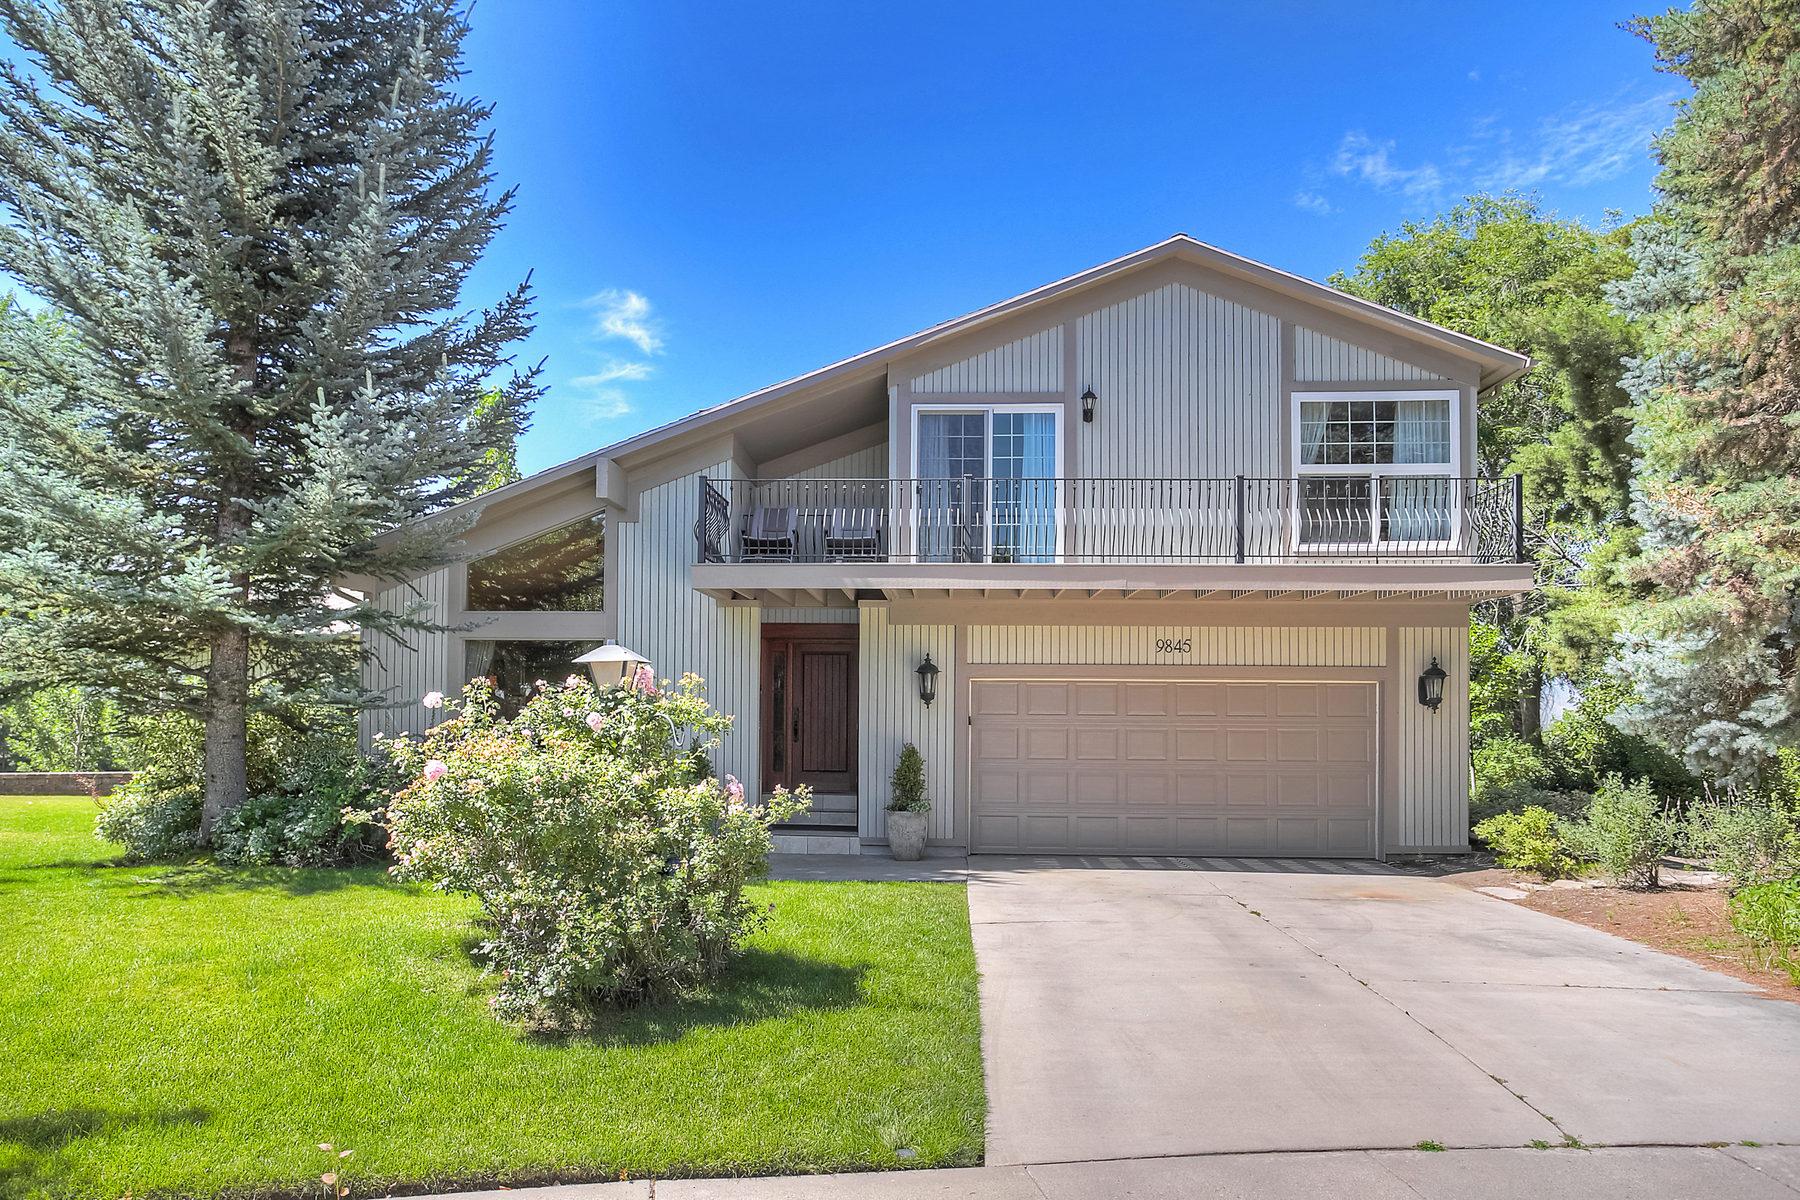 独户住宅 为 销售 在 Sophisticated and Elegant 9845 South 2465 East Sandy, 犹他州 84092 美国